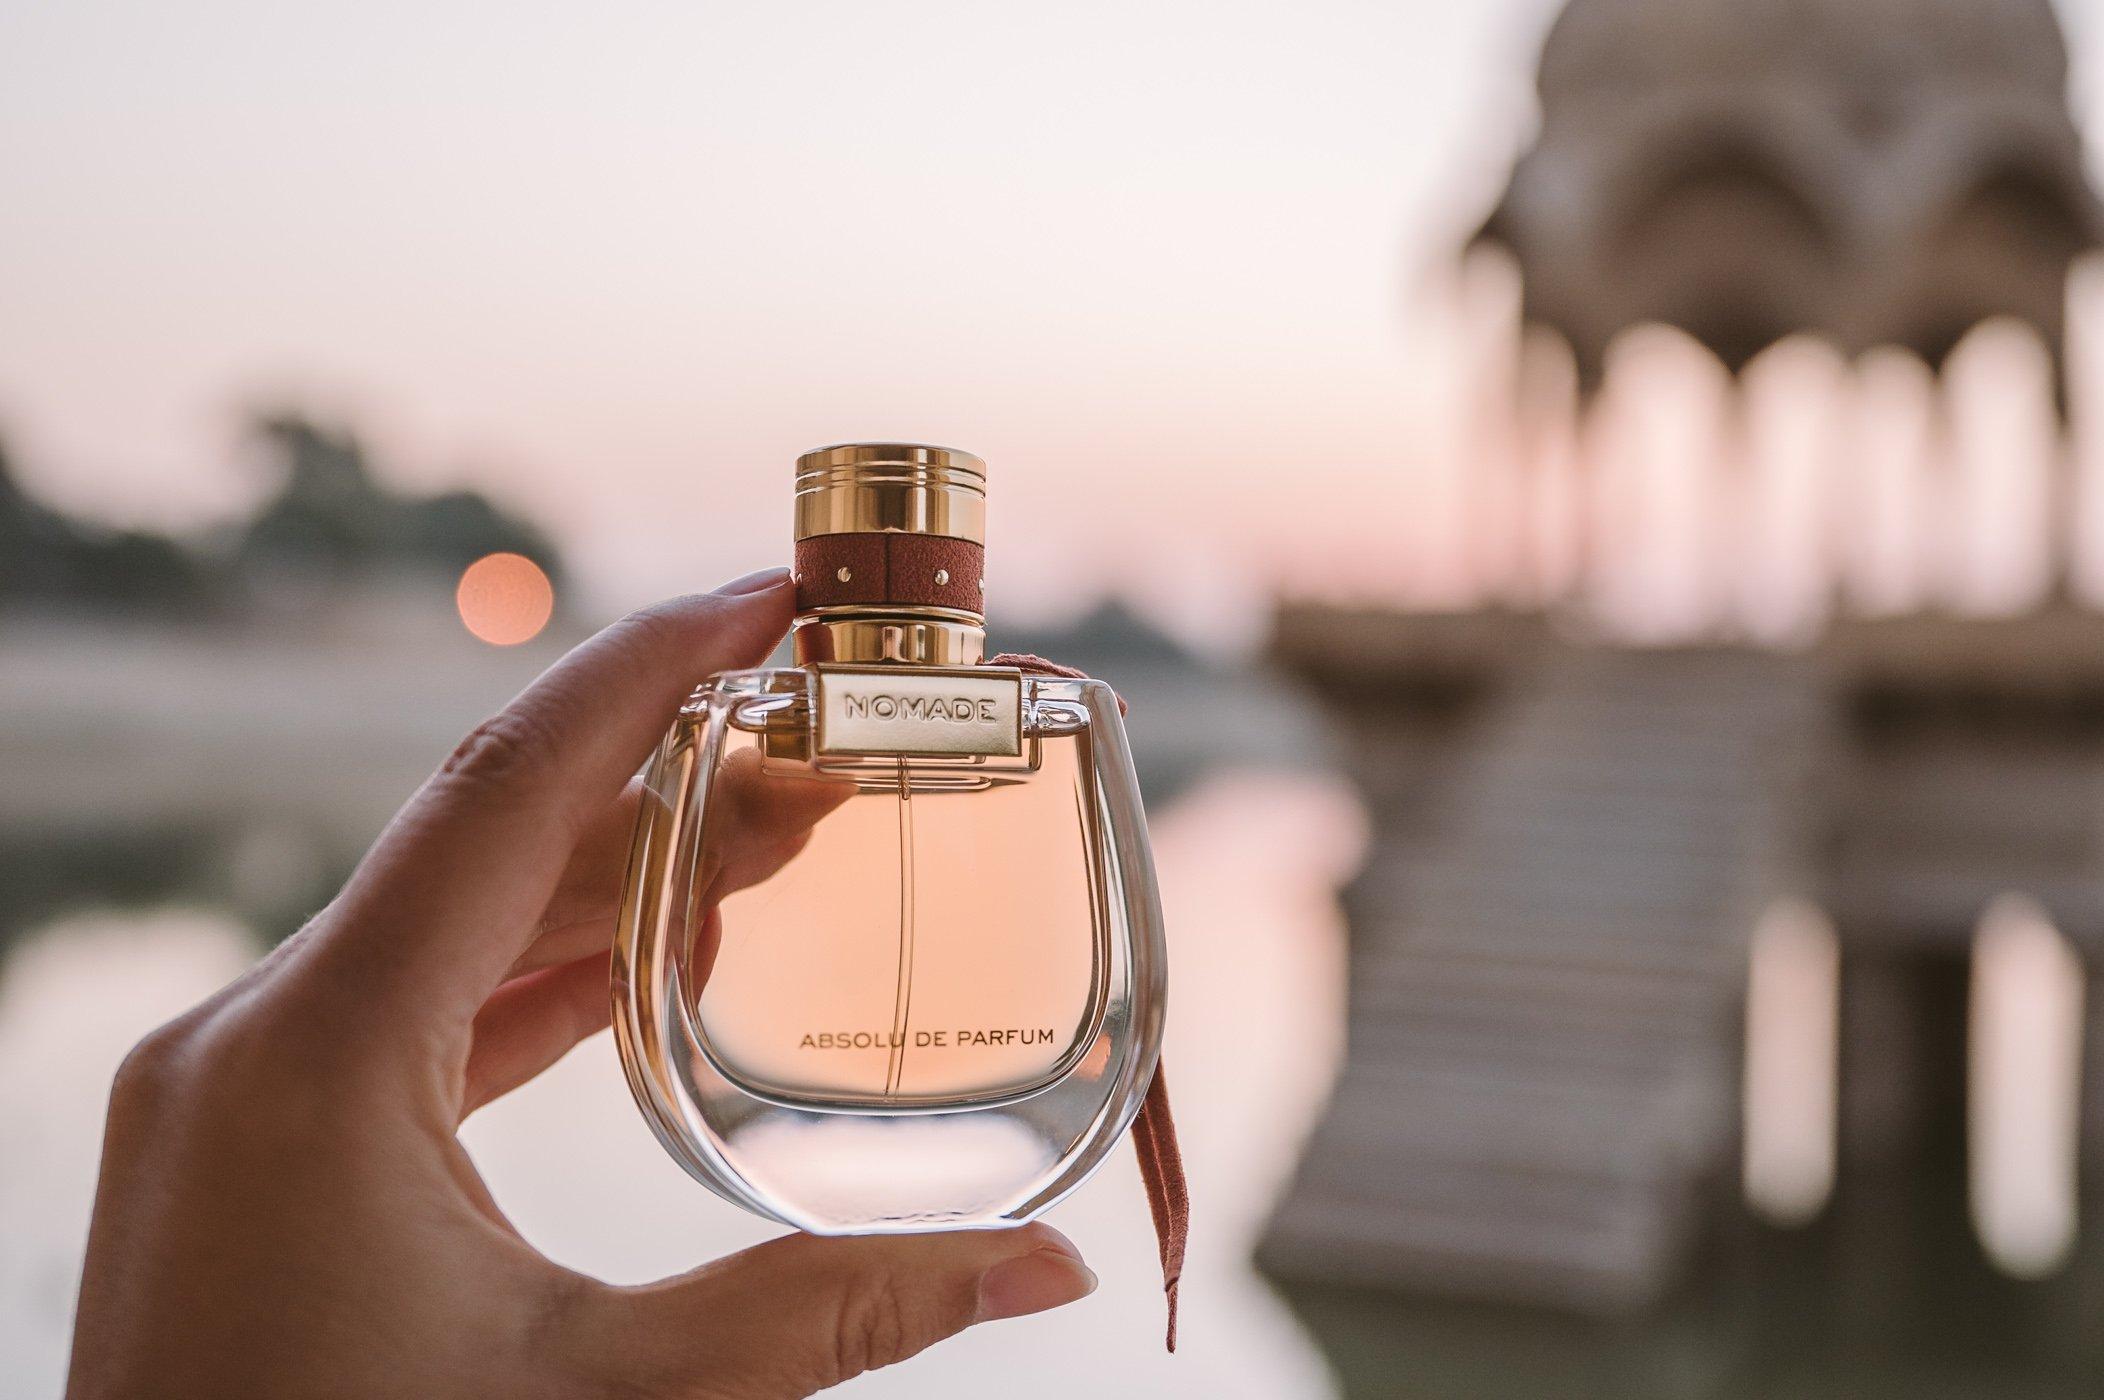 Chloé NOMADE Absolu de Parfum in Rajasthan